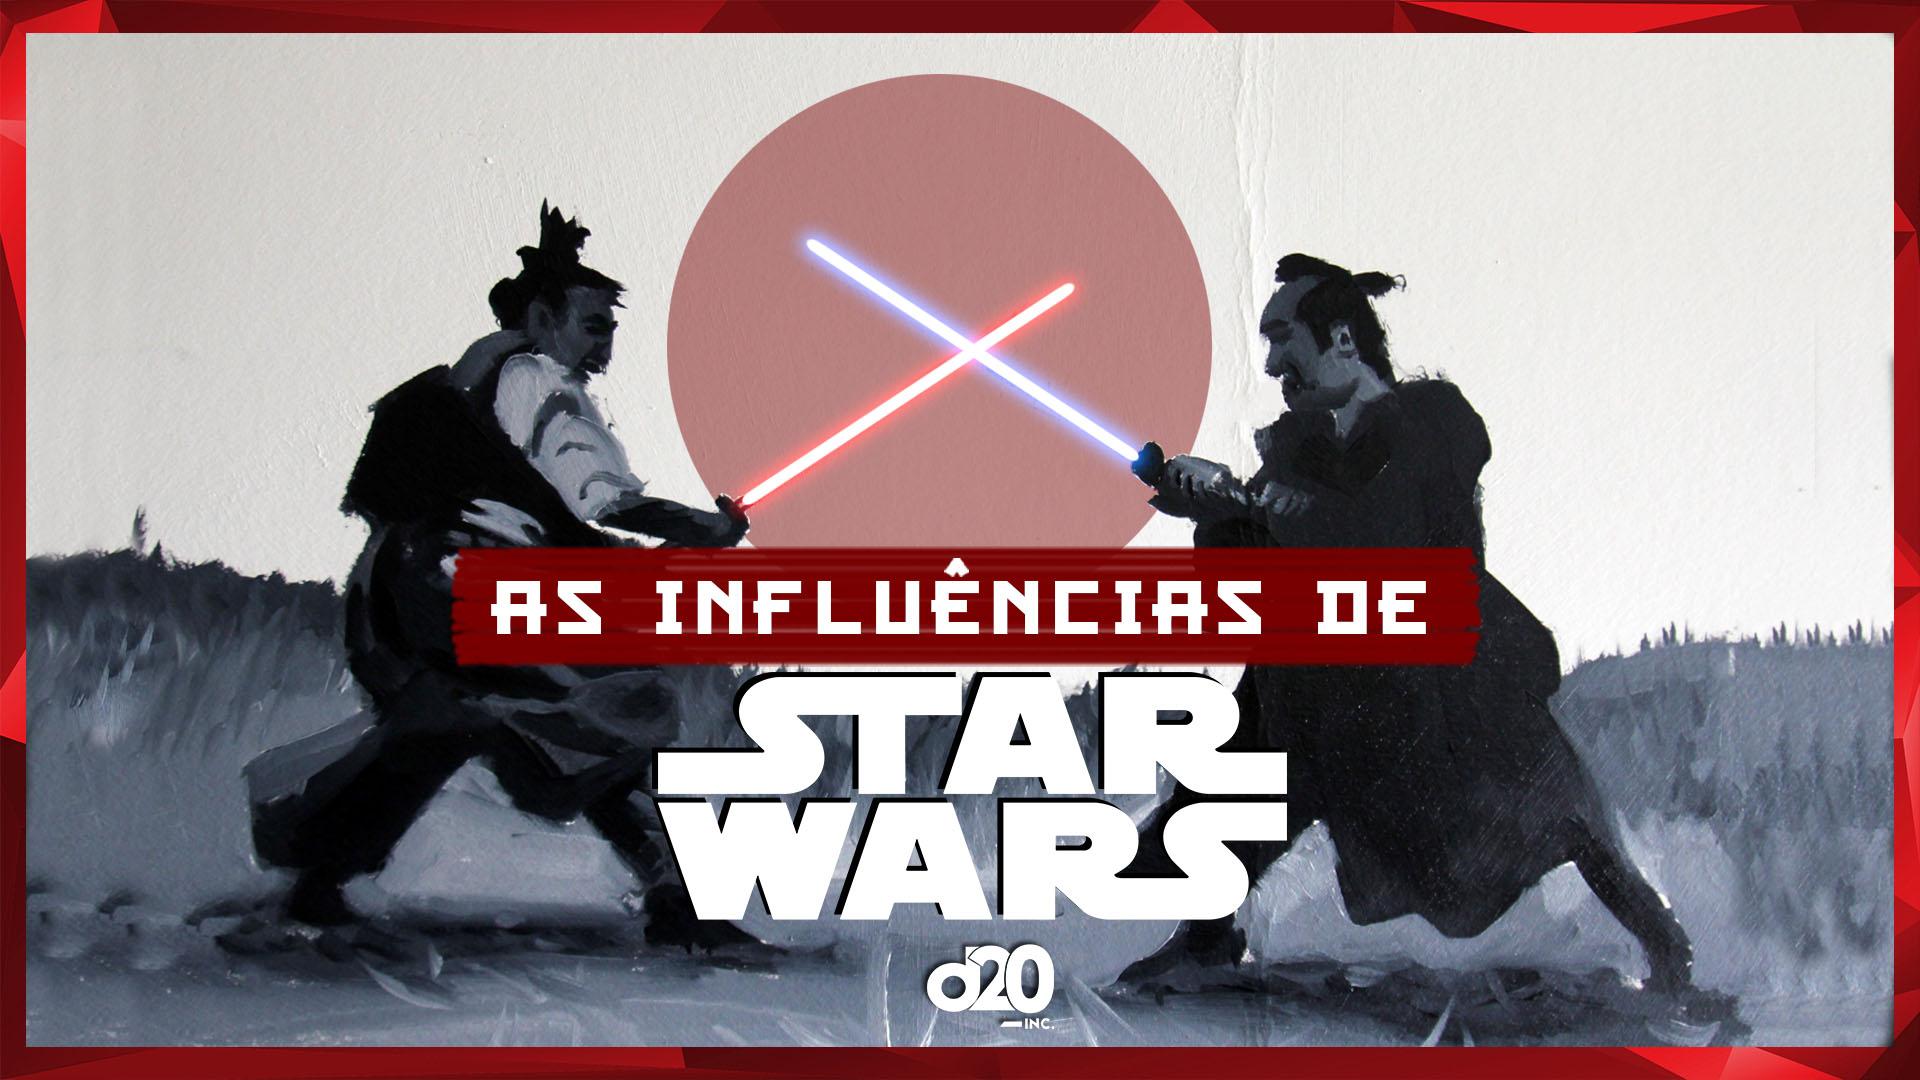 O que influenciou Star Wars | D20 Lab 31